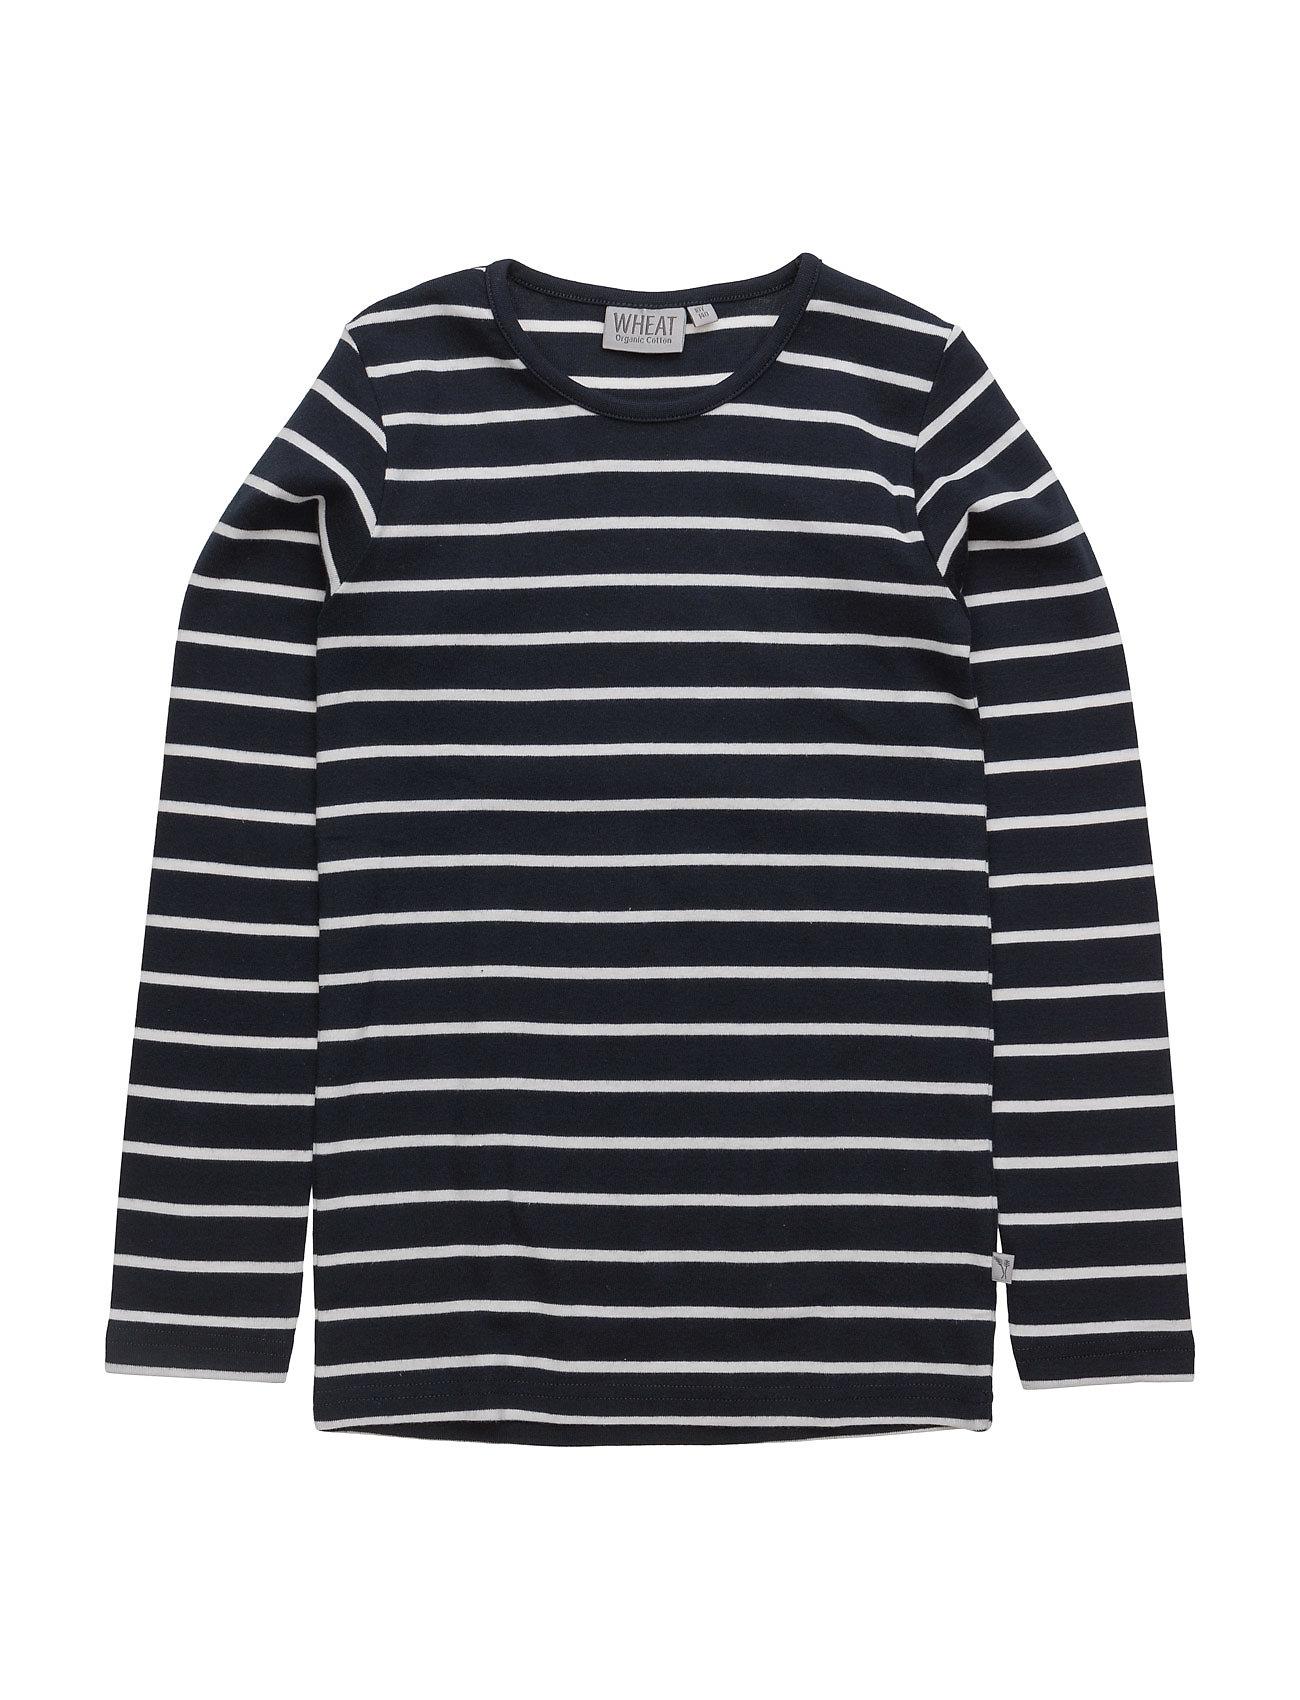 T-Shirt Striped Ls Wheat Langærmede t-shirts til Børn i